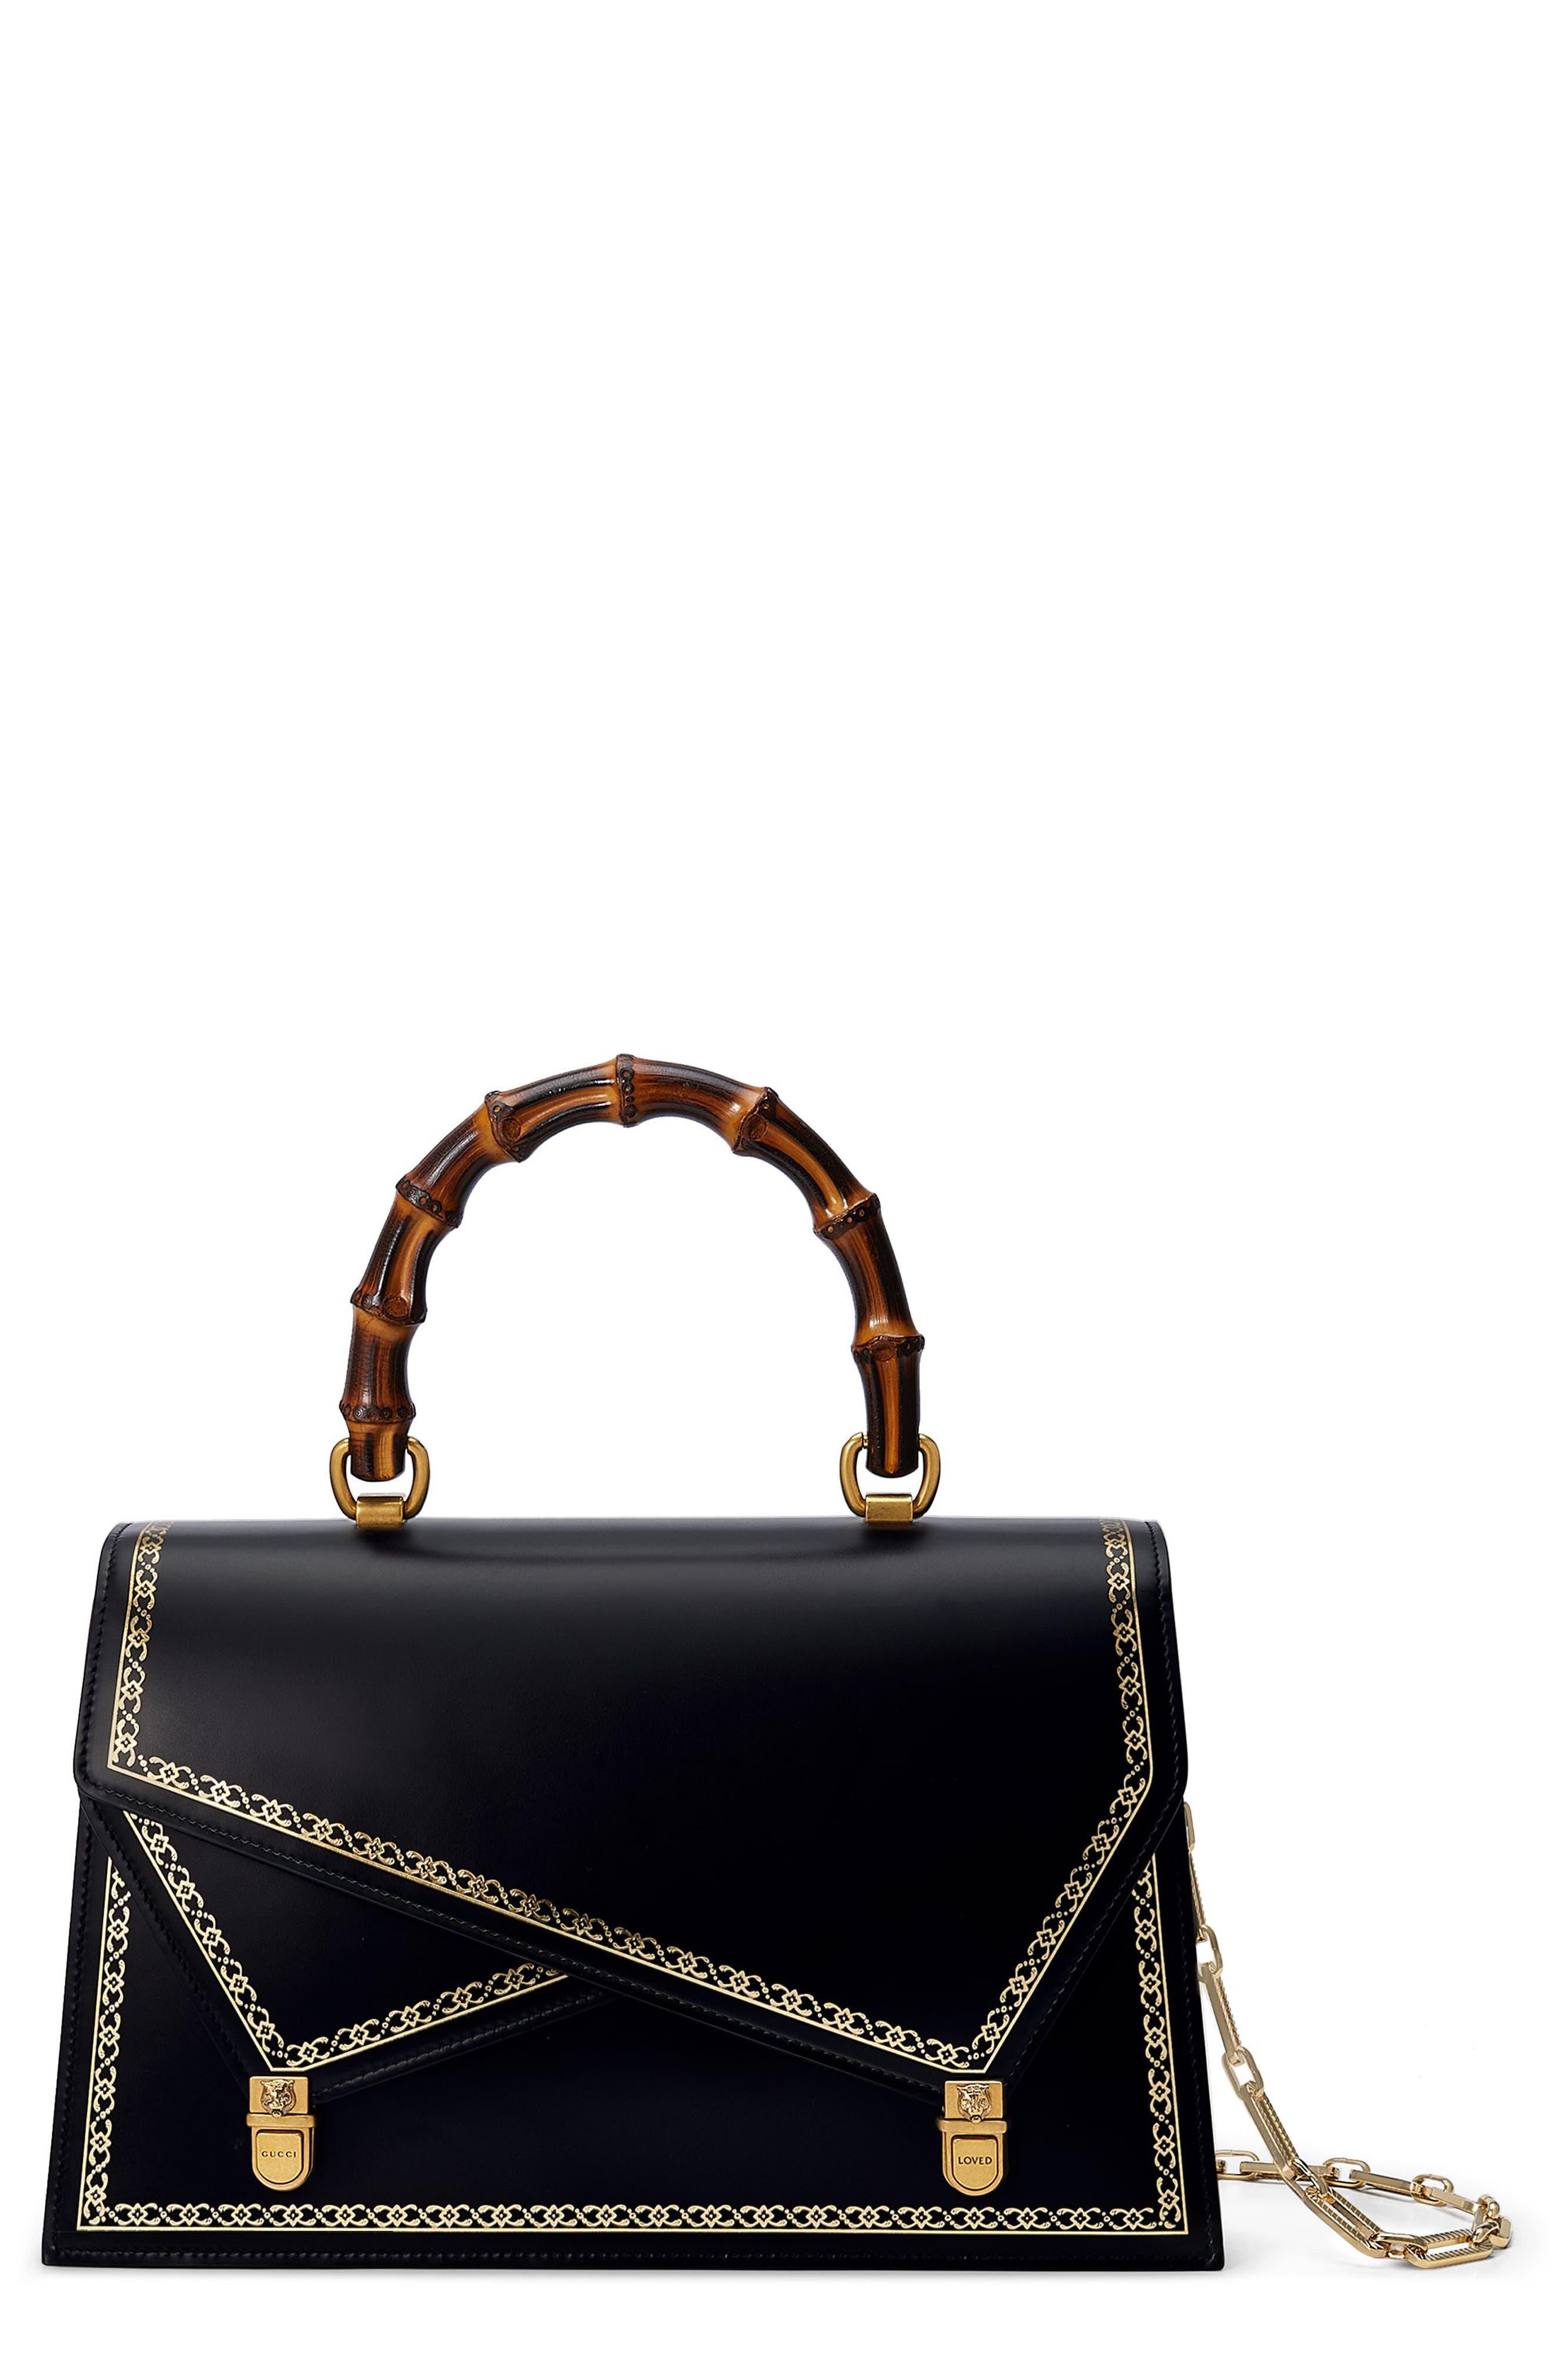 Linea P Border Leather Double Flap Top Handle Satchel,                         Main,                         color, Nero